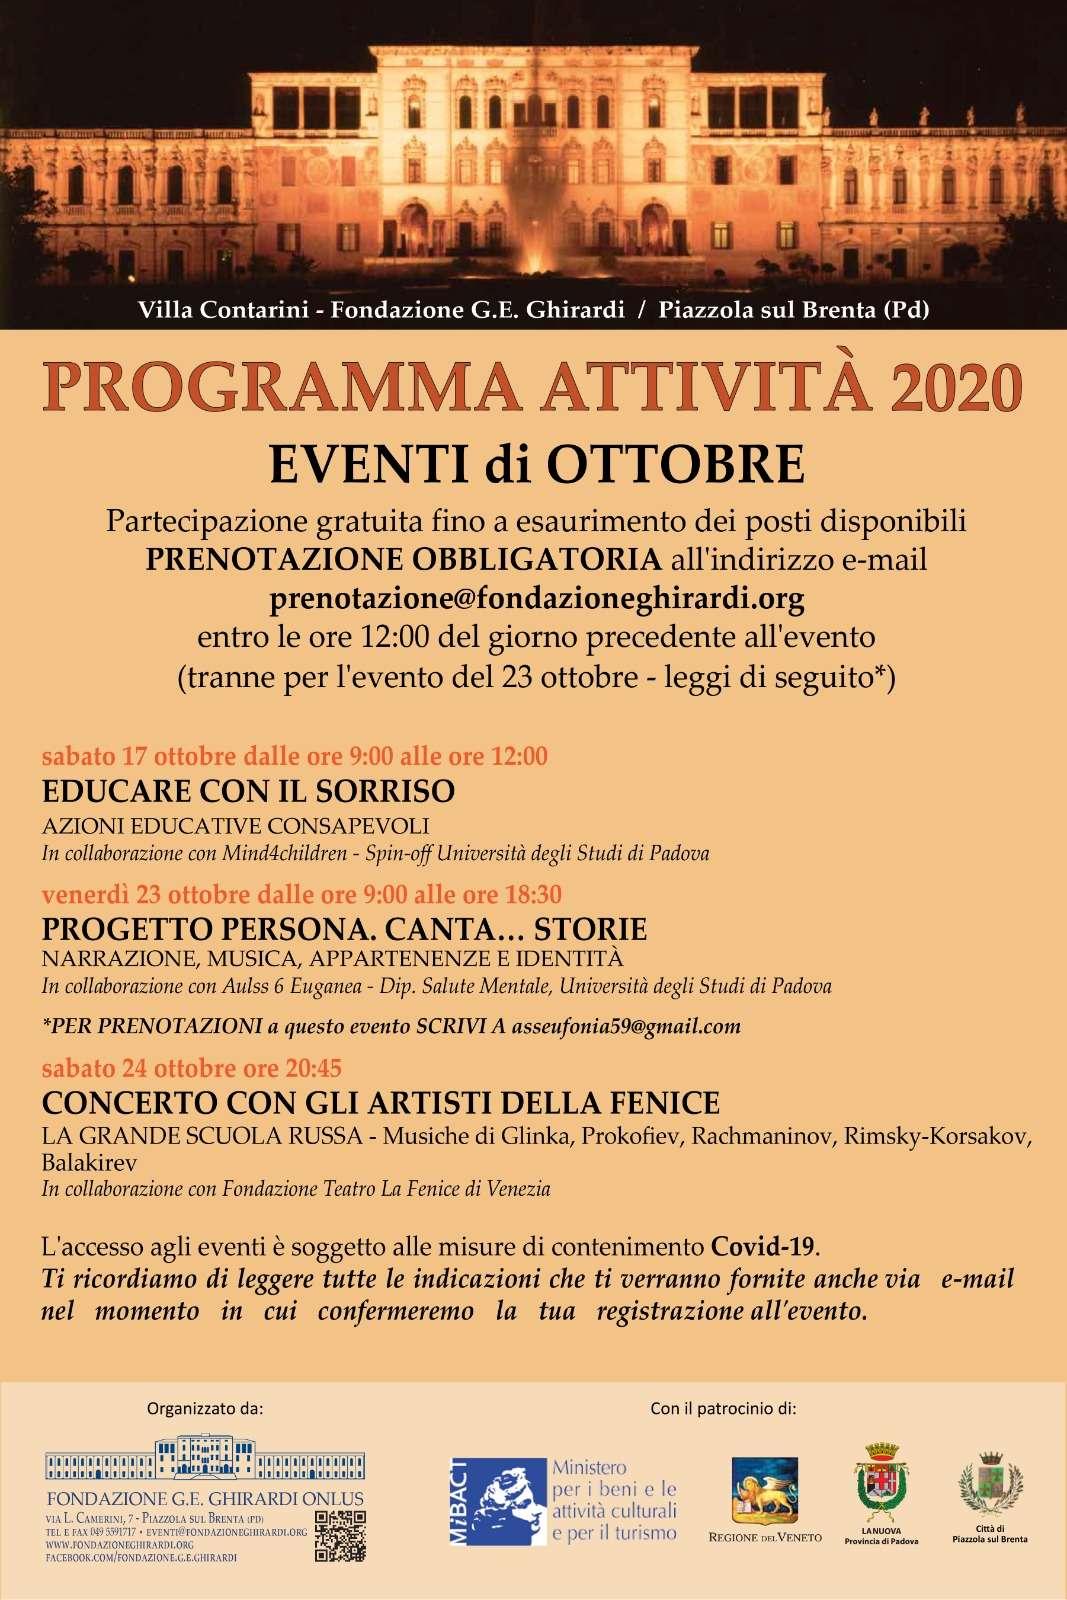 programma attività 2020